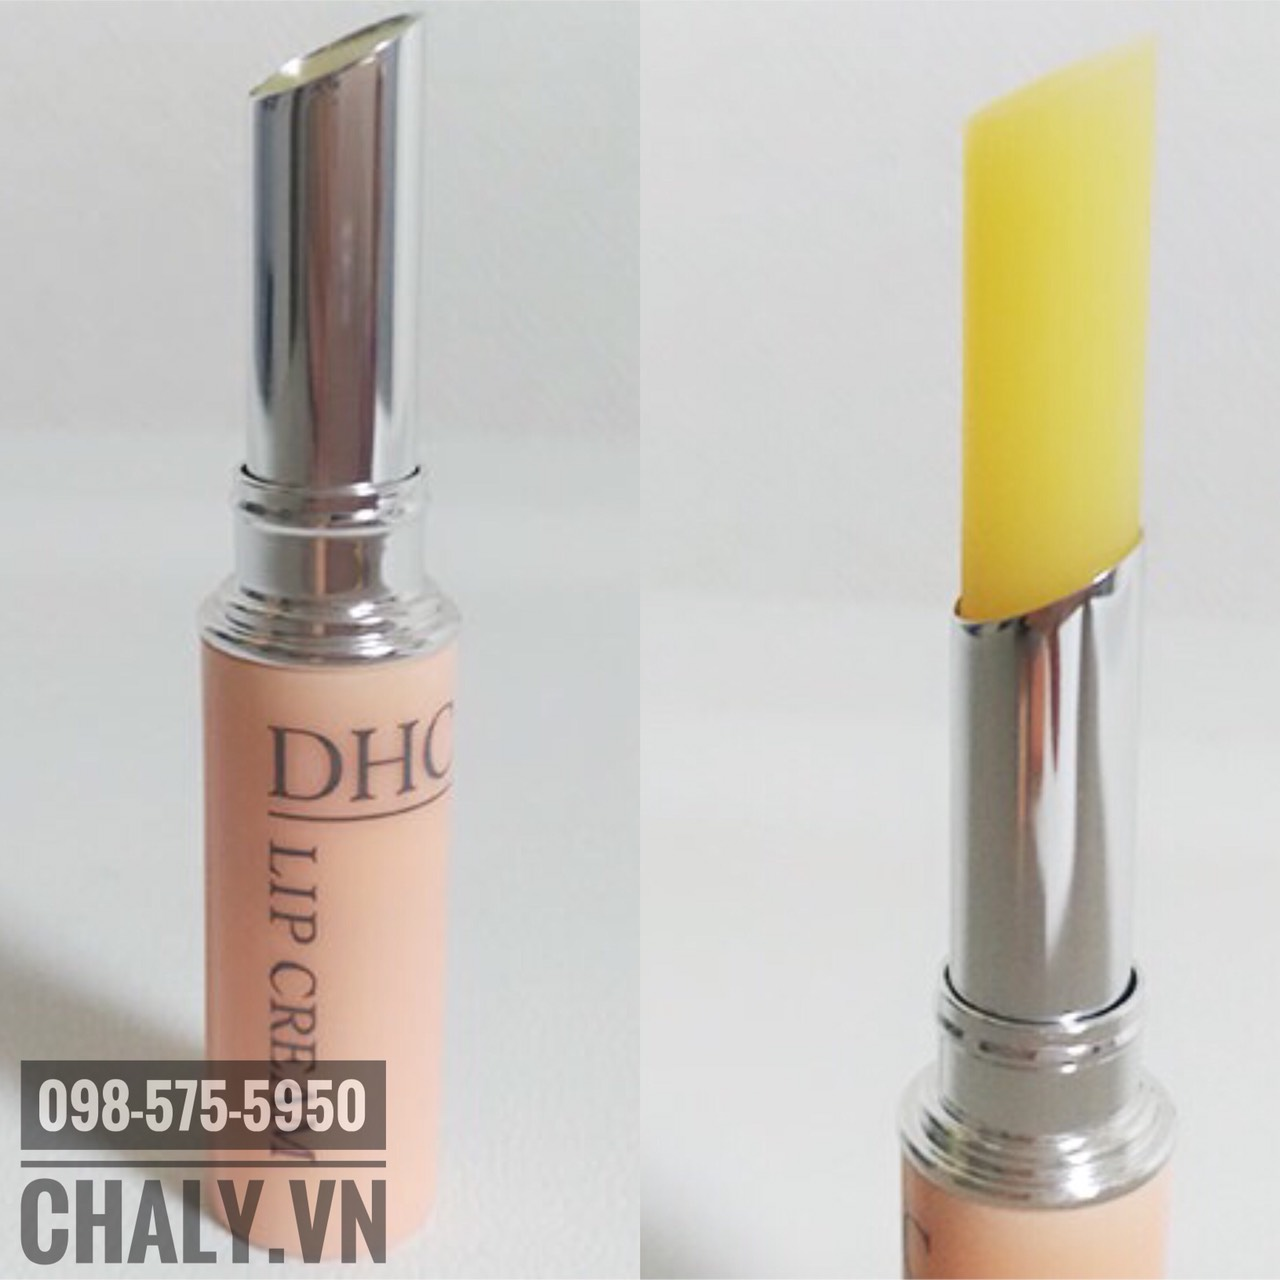 Son DHC Nhật Bản mẫu mới 2019 là thuốc trị thâm môi của Nhật hiệu quả nhất cho tới thời điểm này, giá vừa phải dễ dùng dễ mua, đáng sử dụng